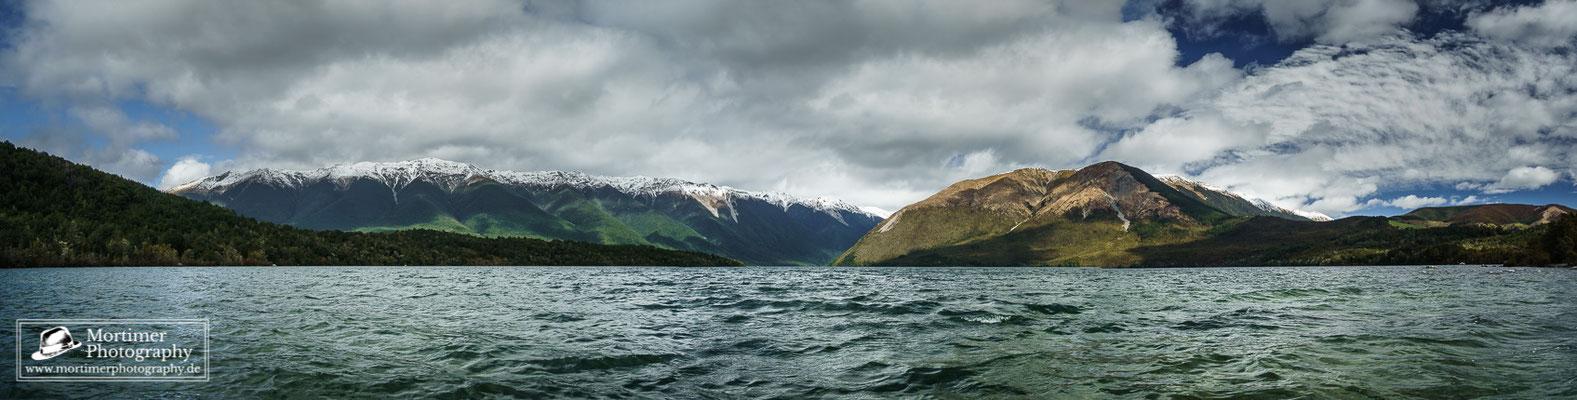 Wahnsinnig gute Aussicht auf die schneebedeckten Berge und Mount Robert vom Ufer des Lake Rototiti